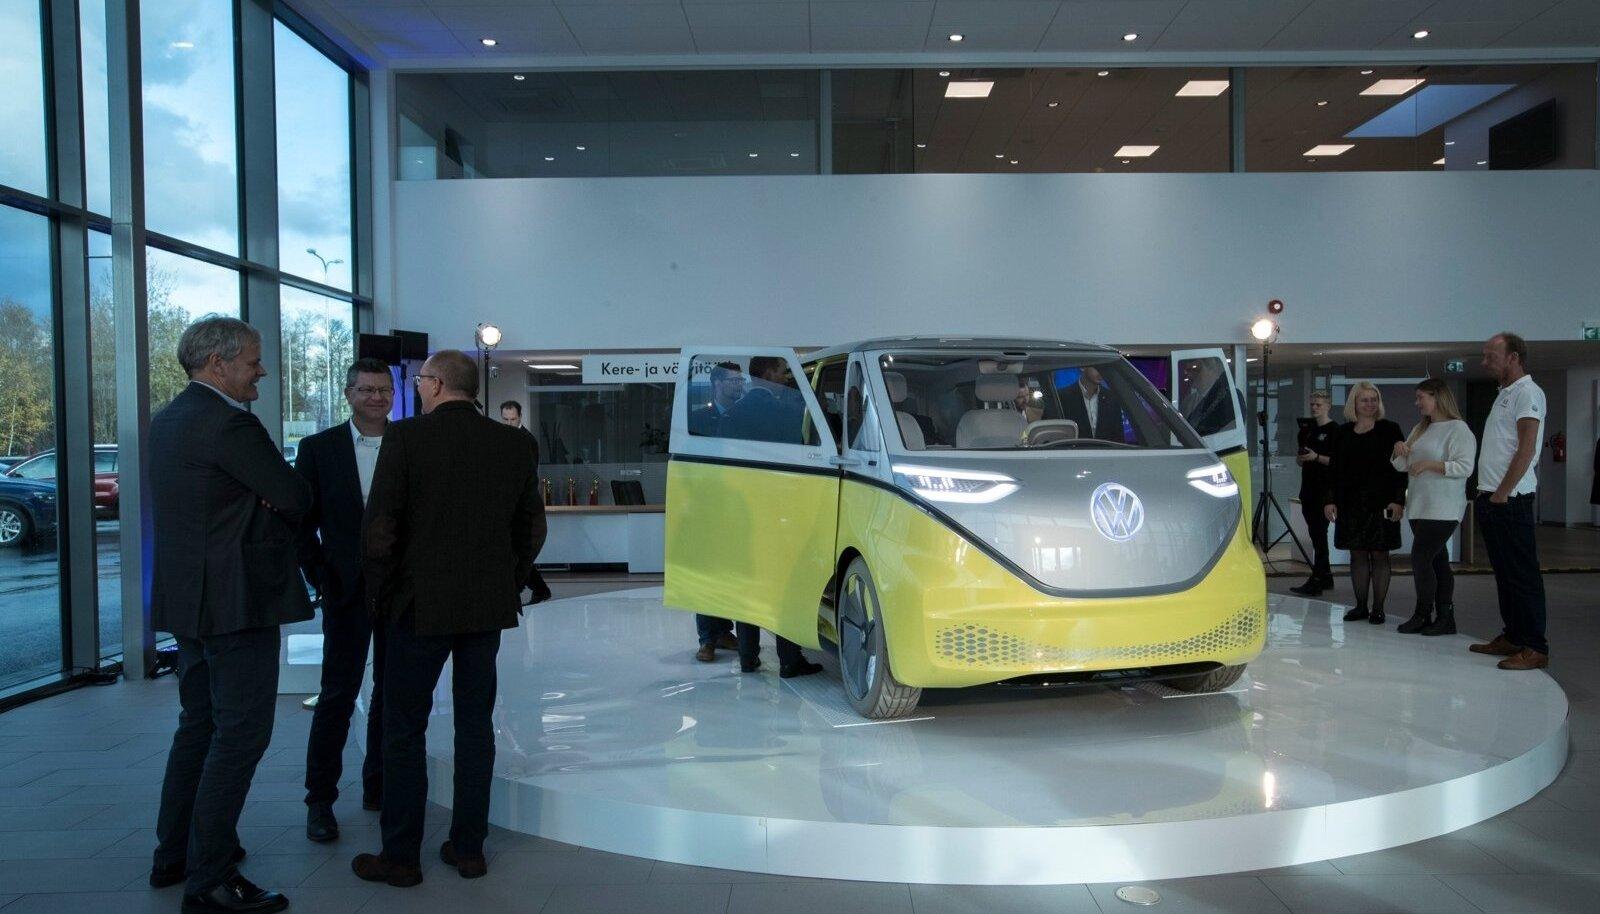 """Volkswagen ID.Buzz elektriline """"hipibuss"""" on üks ettevõtte ID sarja masinatest, mis tähistavad ettevõtte uut lähenemist elektriautole"""